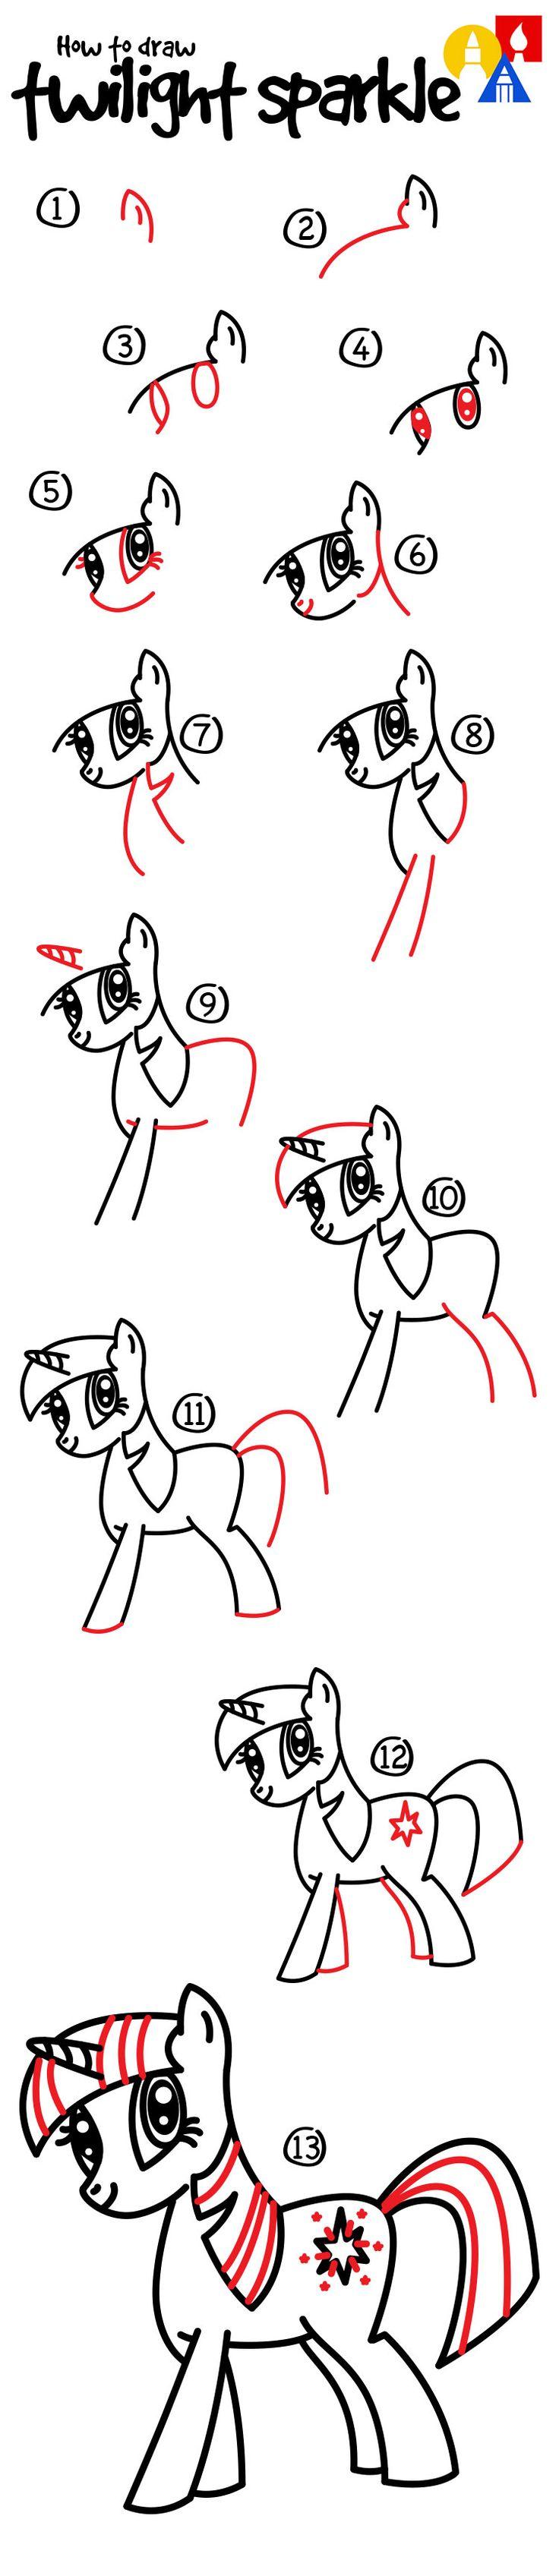 How to draw Twilight Sparkle.